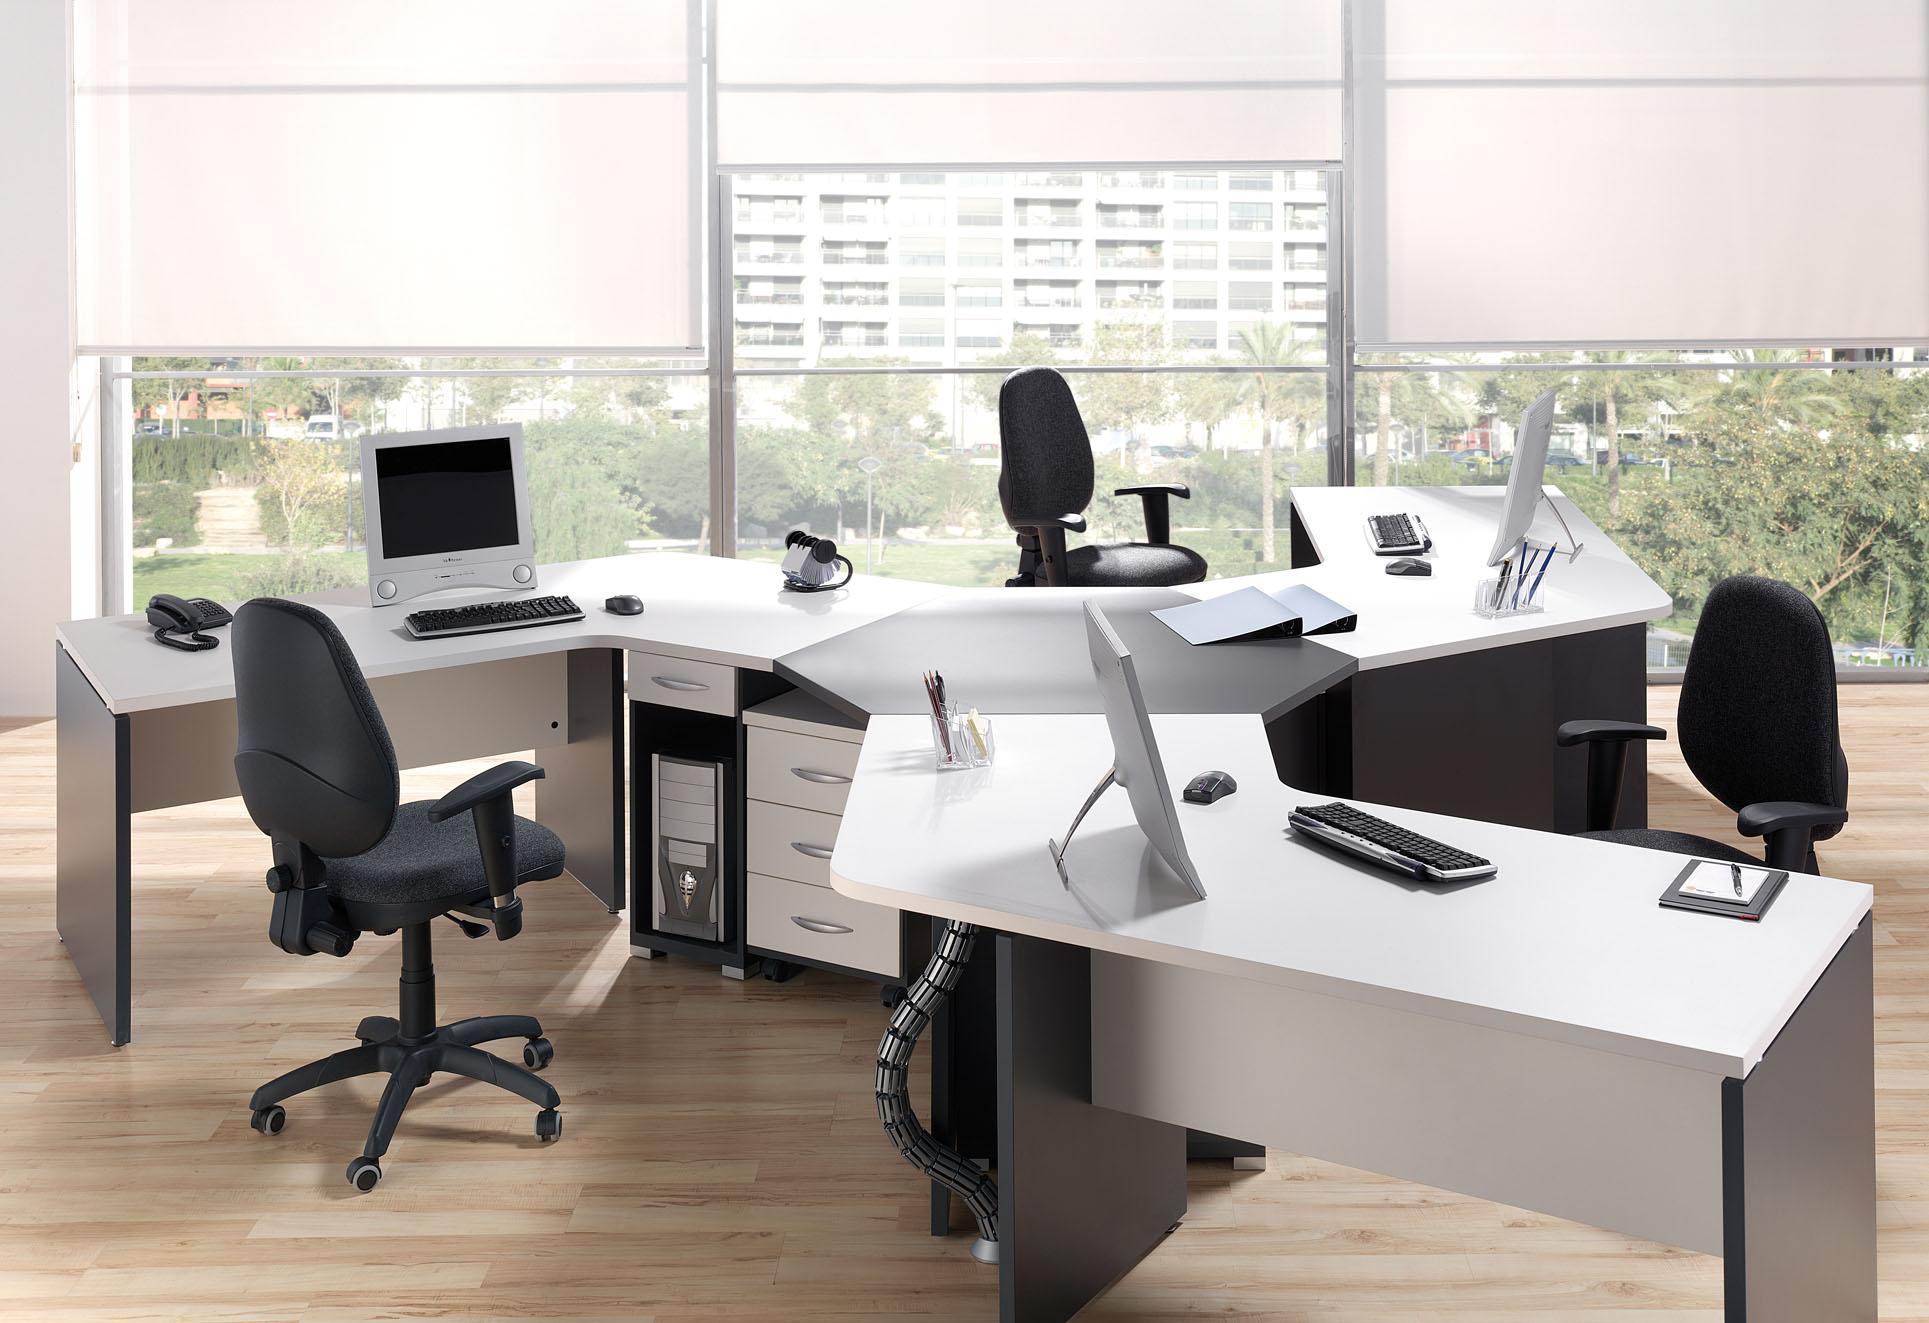 Mudanzas de oficinas for Muebles de oficina blancos